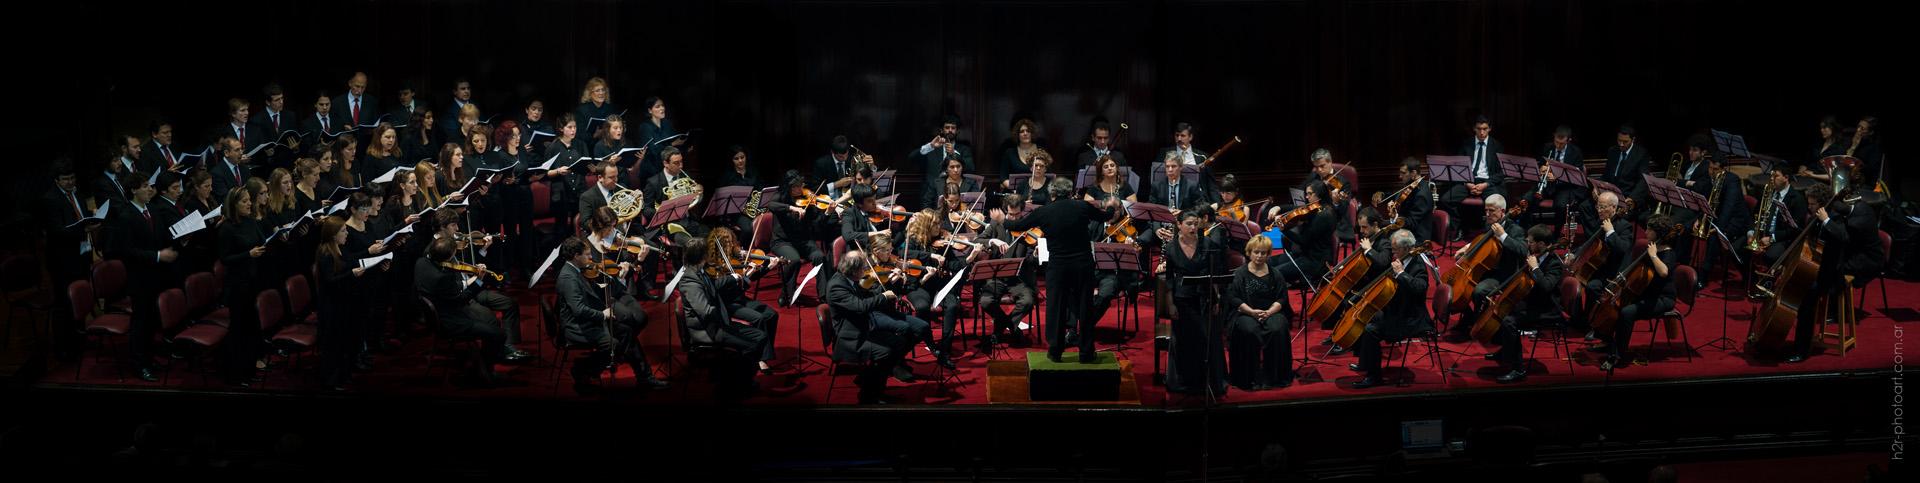 Orquesta Sinfónica de la Universidad del Salvador